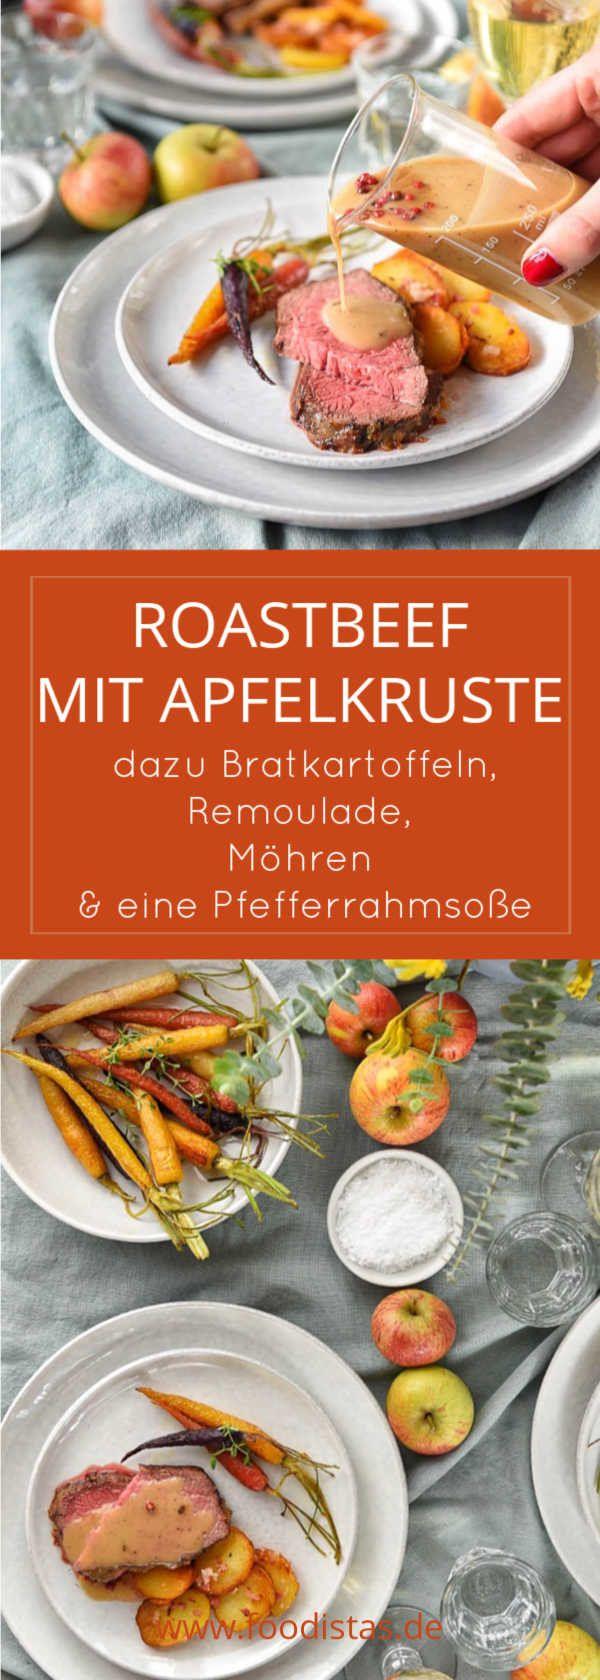 Roastbeef mit Apfelkruste, dazu Remoulade, Bratkartoffeln, Pfefferrahmsoße und Möhren